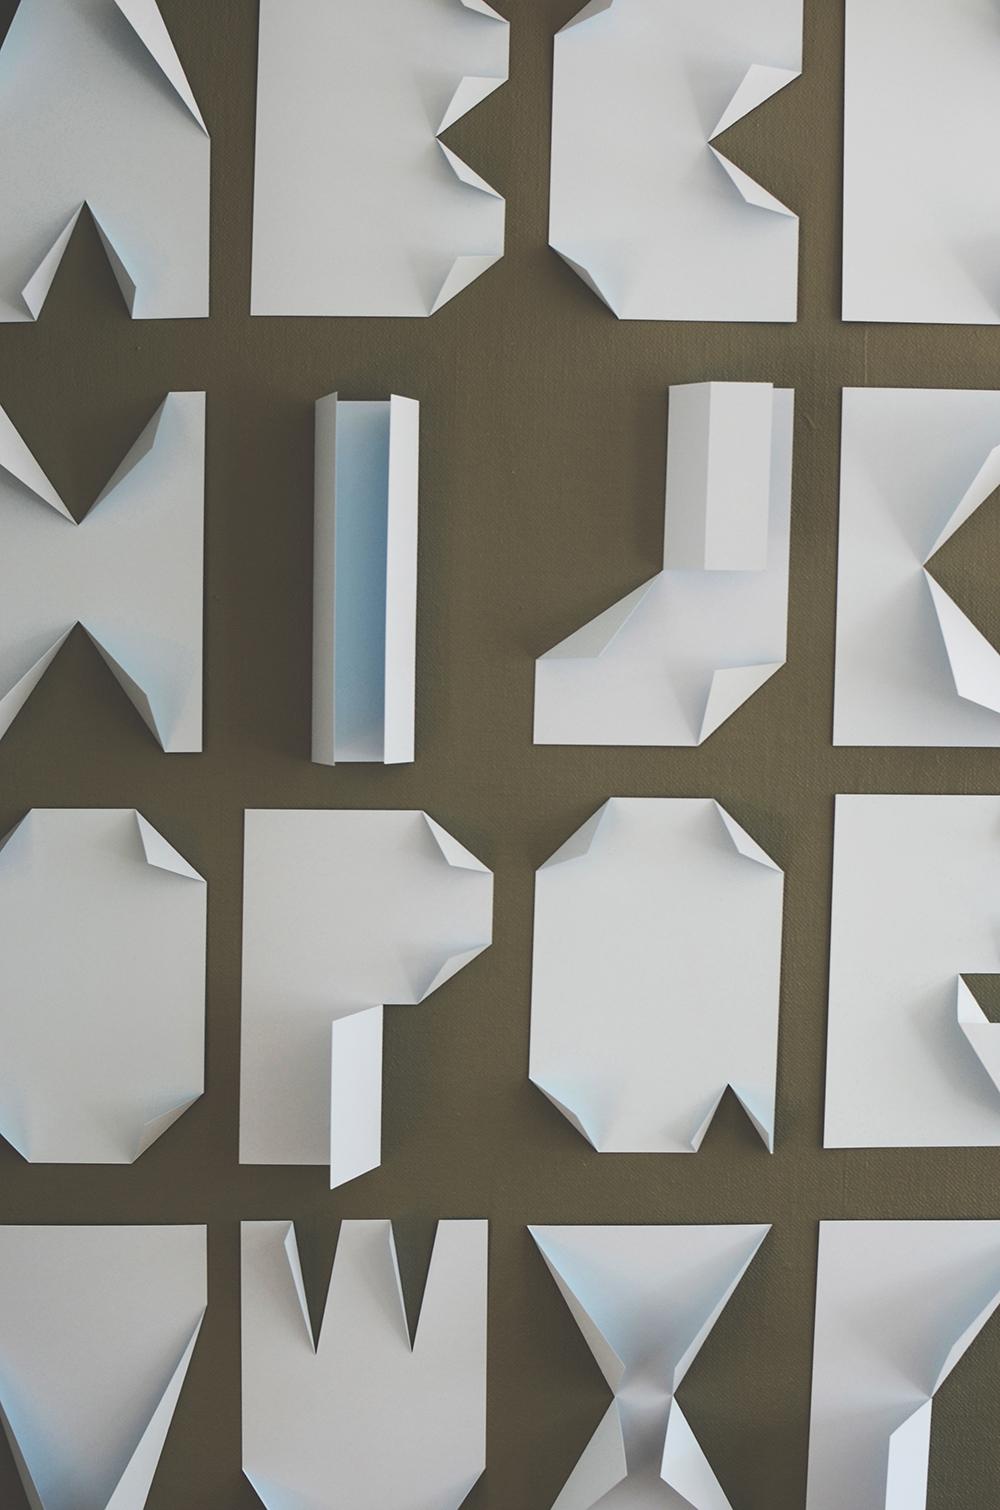 C mo decorar tipogr ficamente tu pared con solo unos - Decorar paredes con letras ...